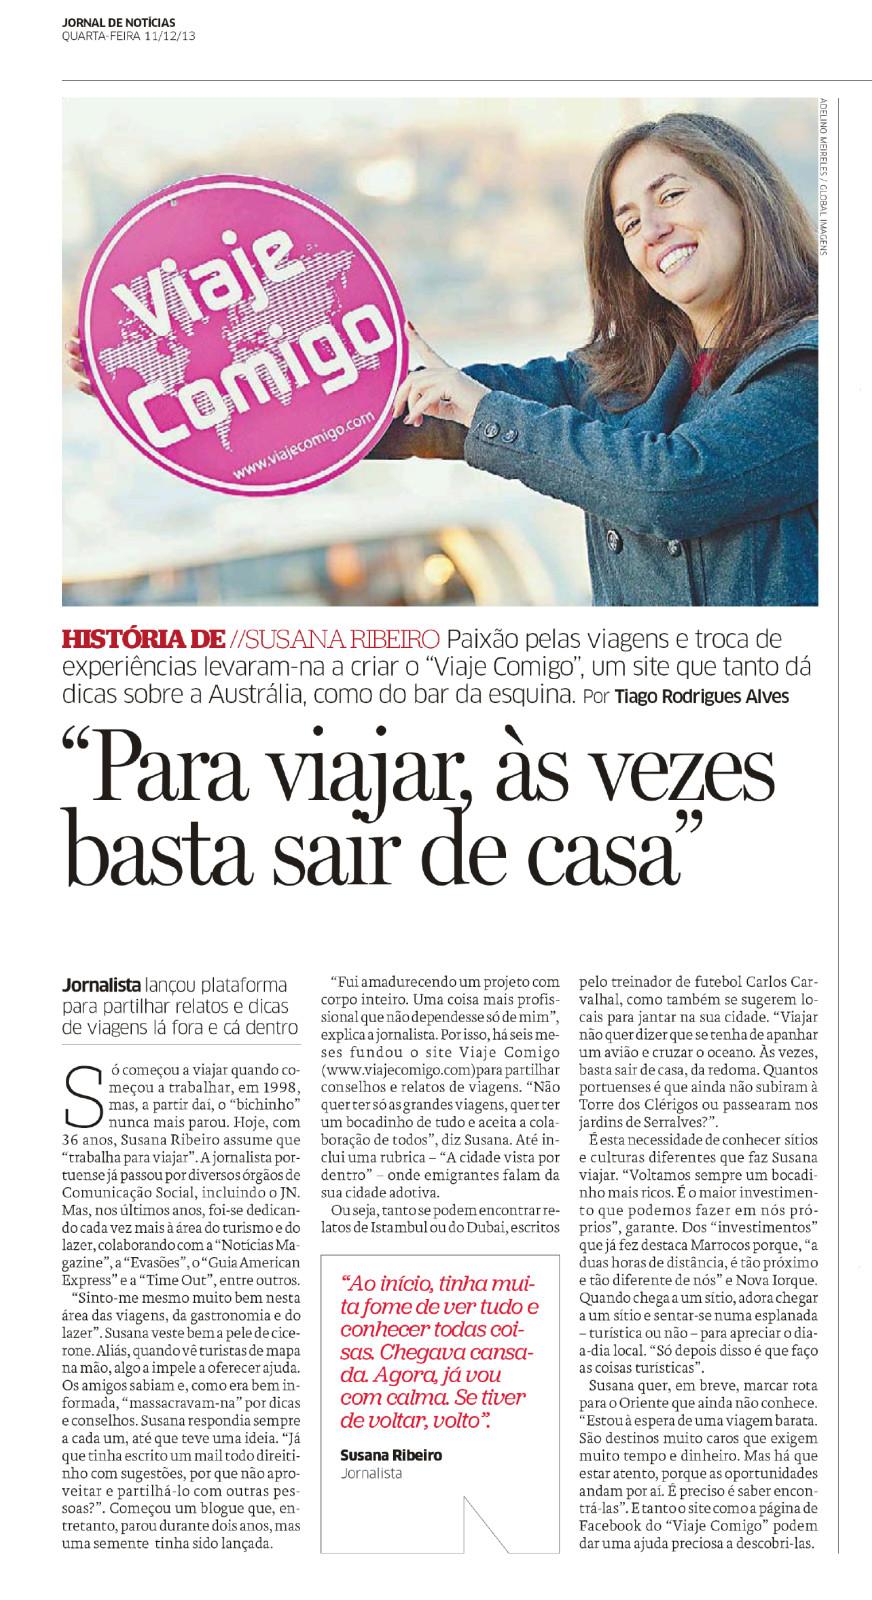 Jornal de Noticias e-paper - Jornal de Noticias - 11 dez 2013 -